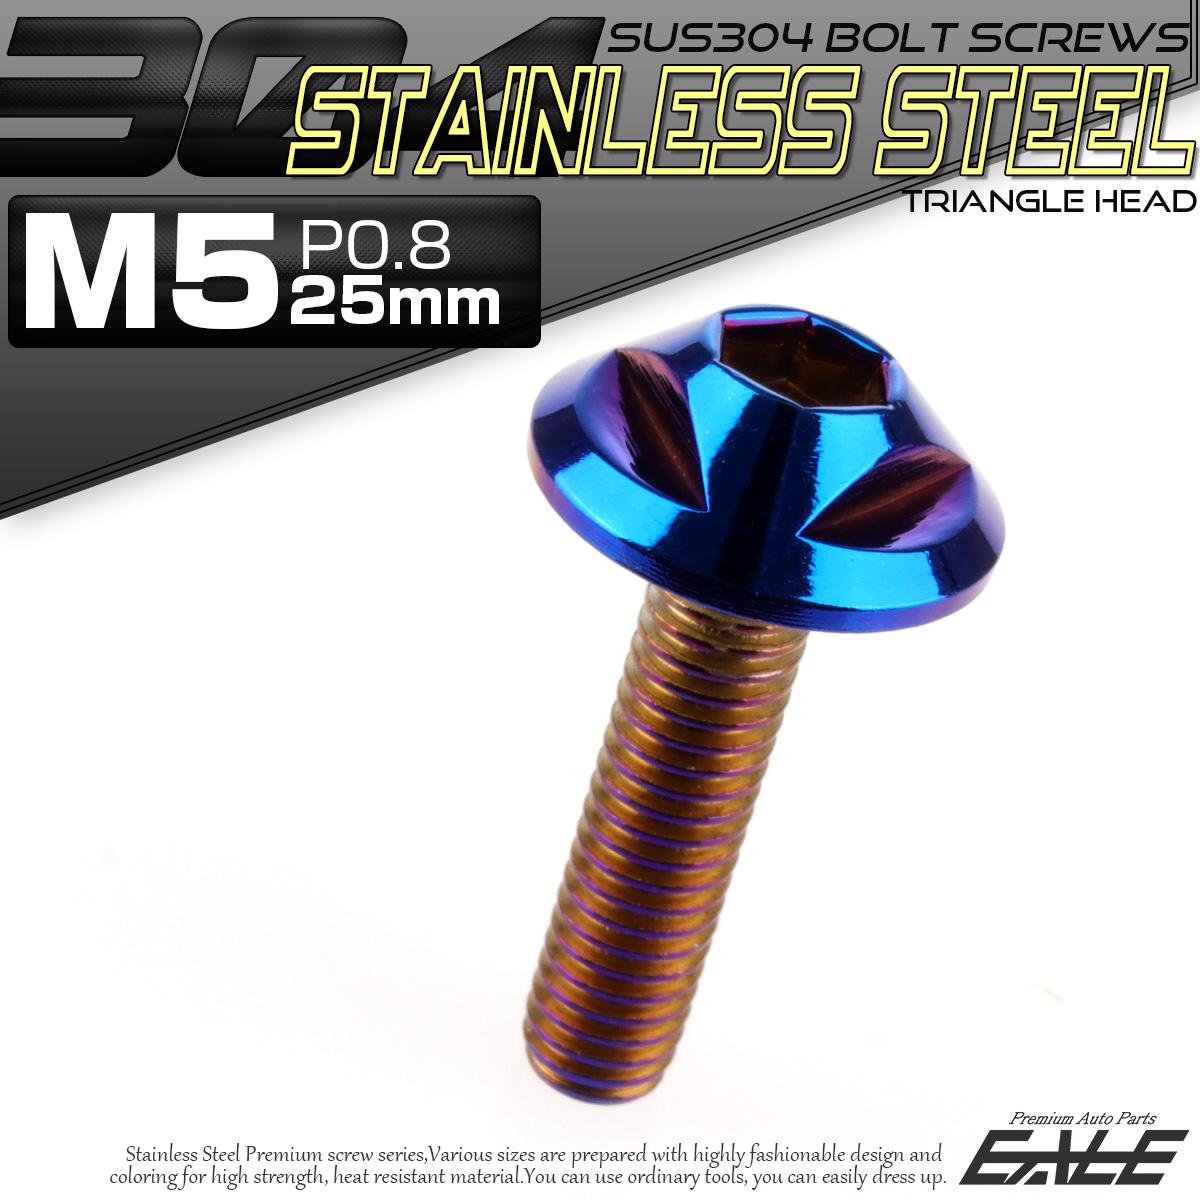 SUS304 フランジ付 ボタンボルト M5×25mm P0.8 六角穴  焼きチタン トライアングルヘッド ステンレス製  TR0161